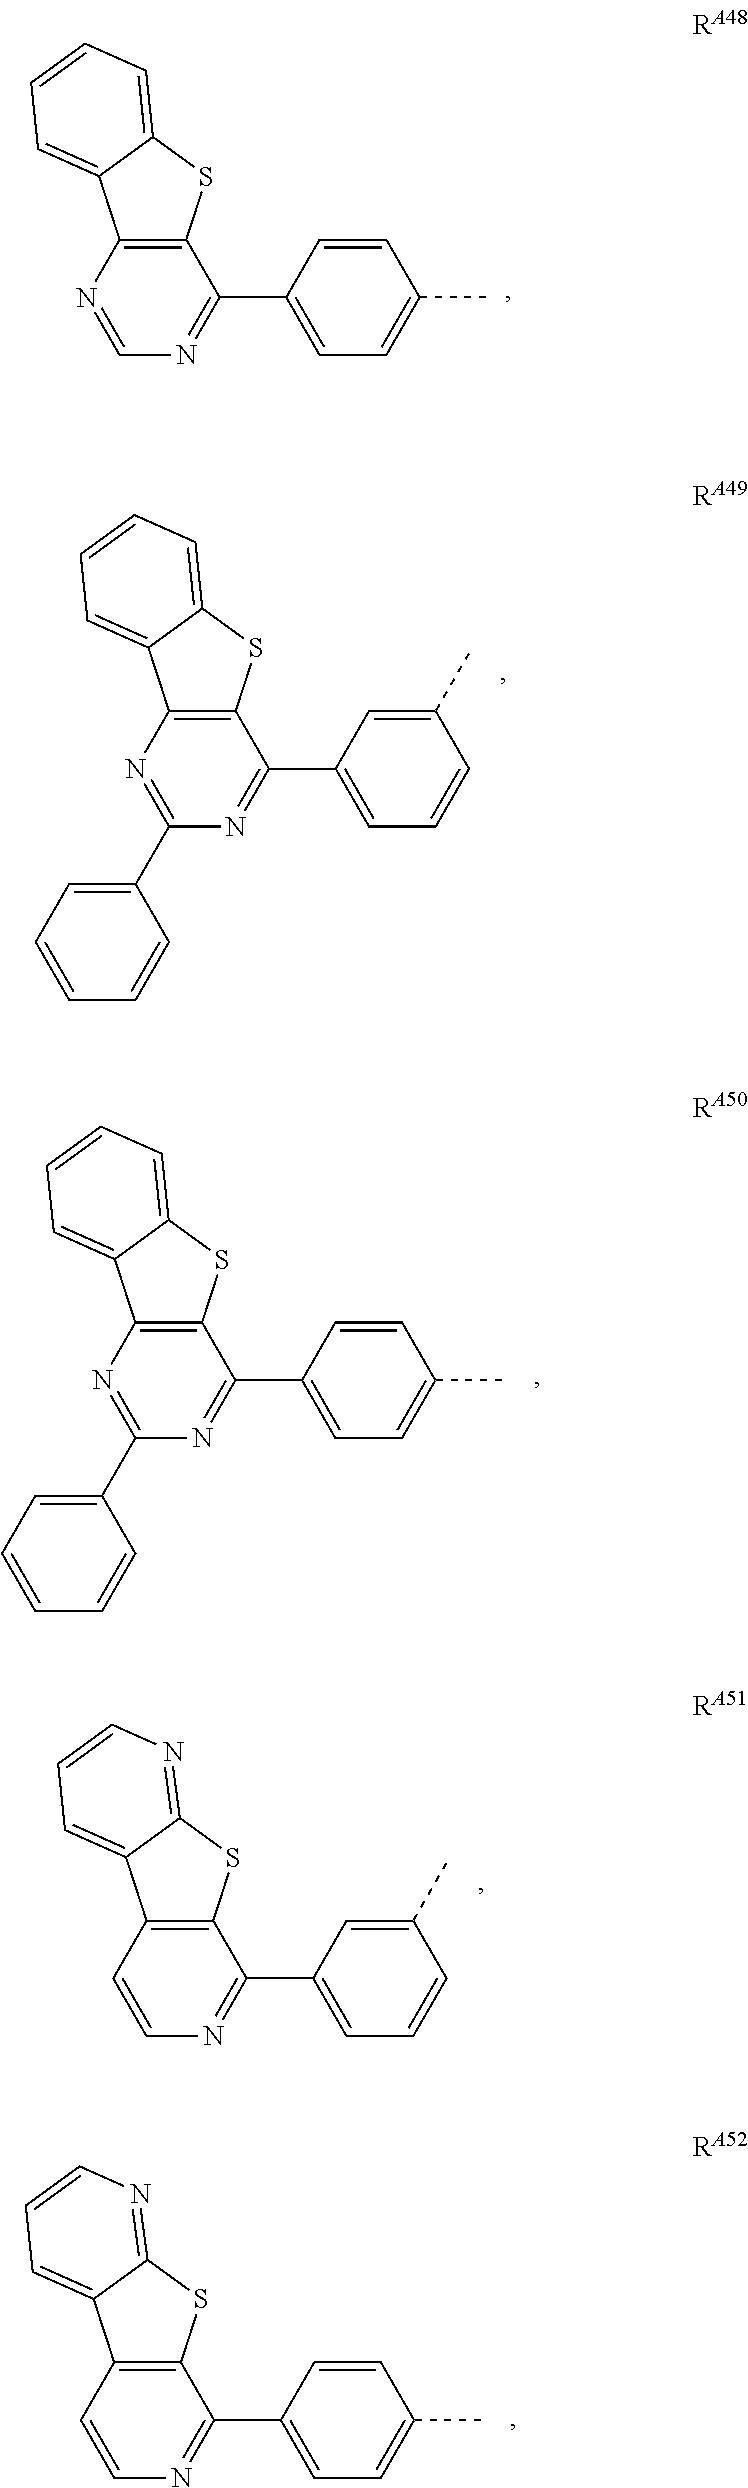 Figure US09761814-20170912-C00256